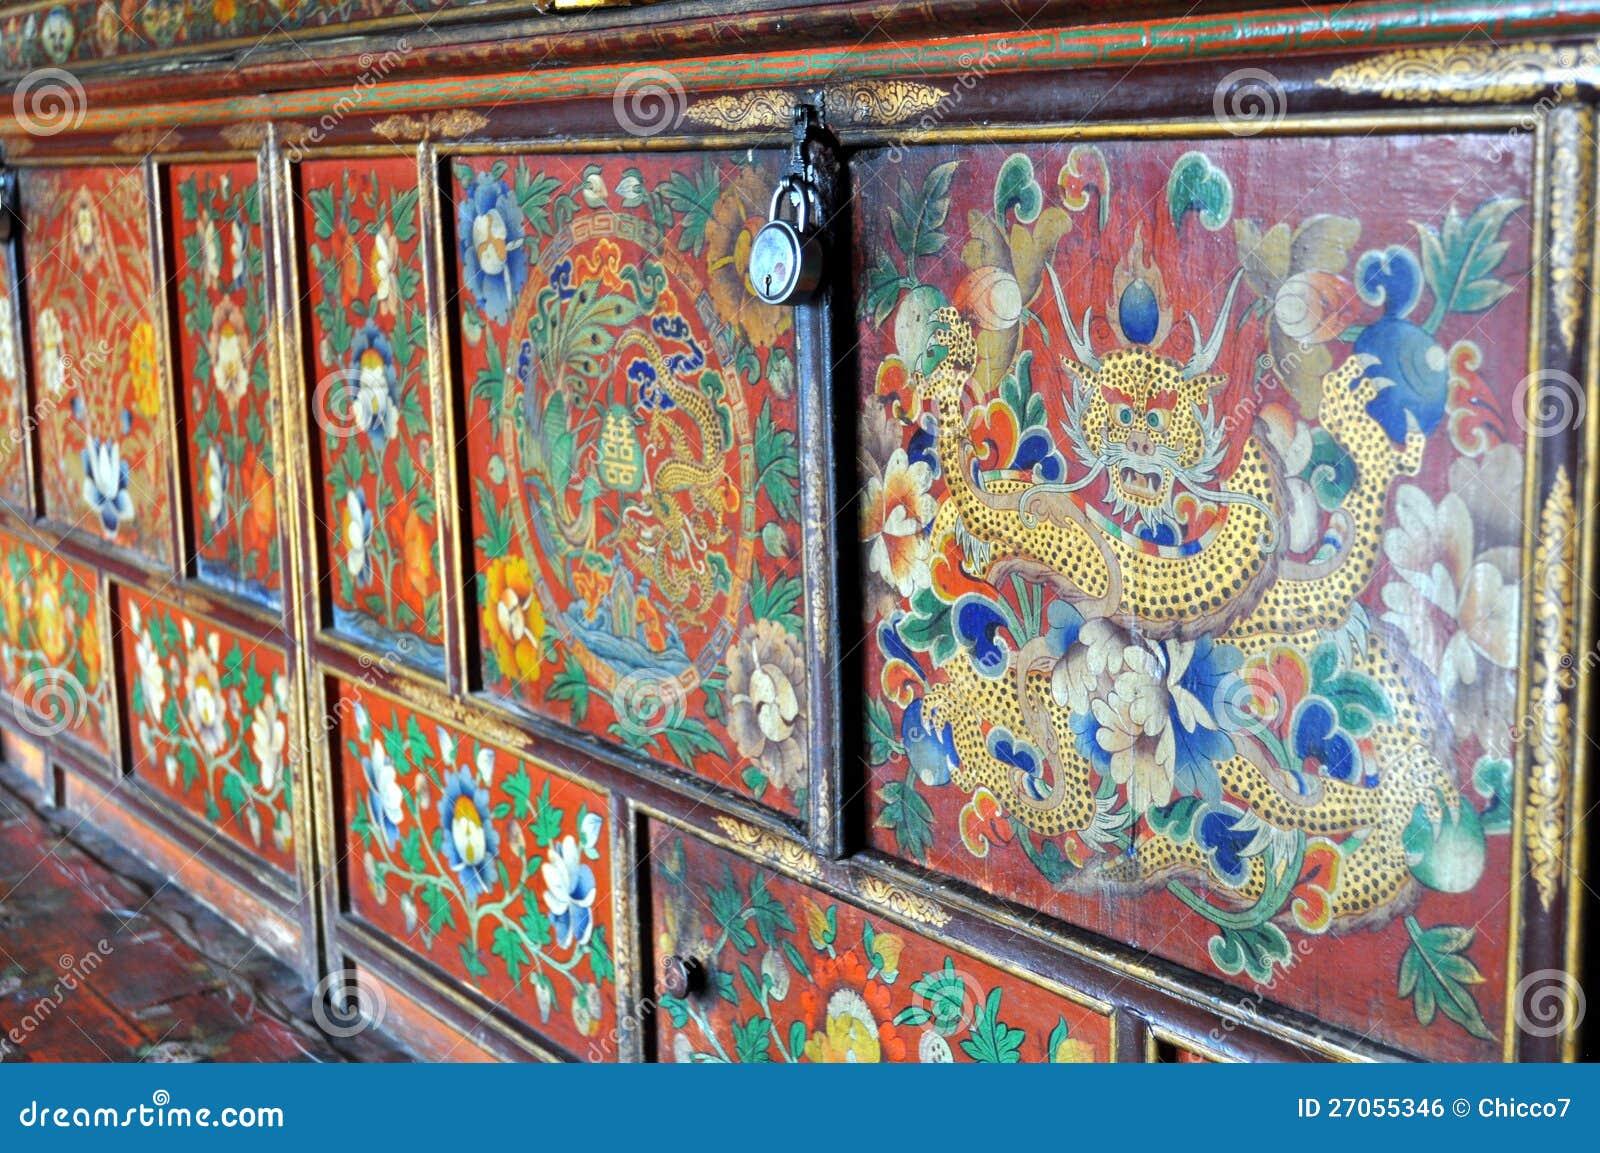 Muebles Budistas - Muebles Pintados Coloridos Del Monasterio Budista Foto De Archivo [mjhdah]https://bancomeditacion.com/wp-content/uploads/2014/06/altar_zen-1.jpg